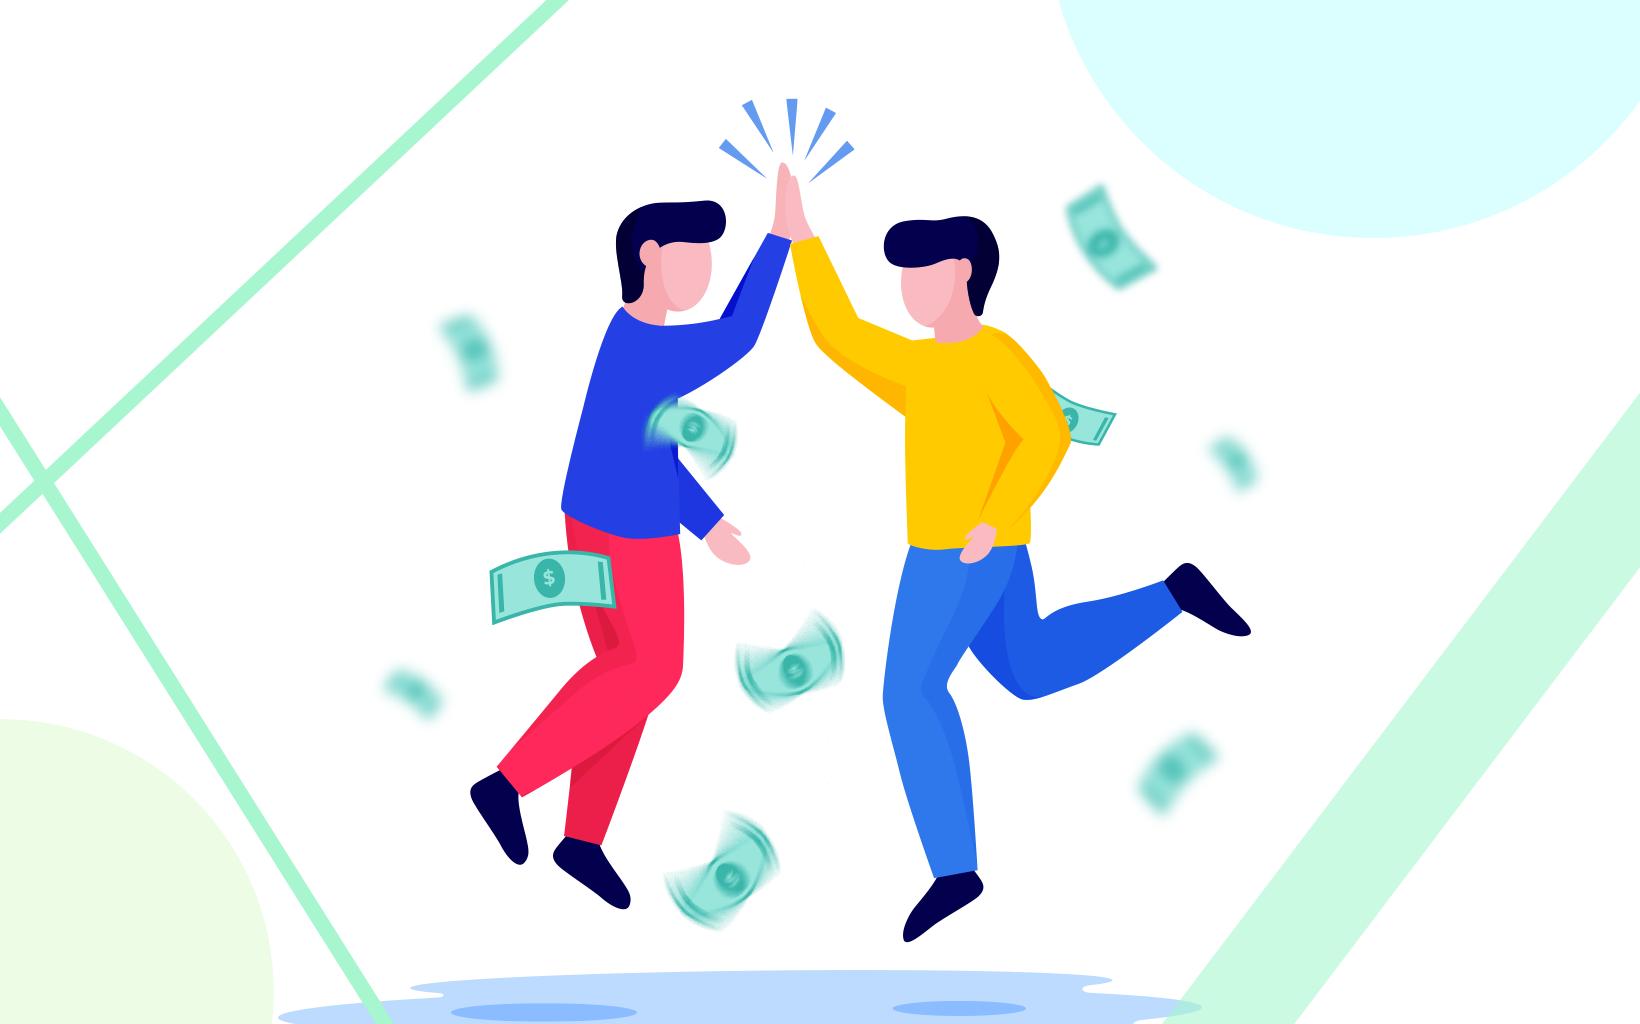 personas-ahorrando-dinero